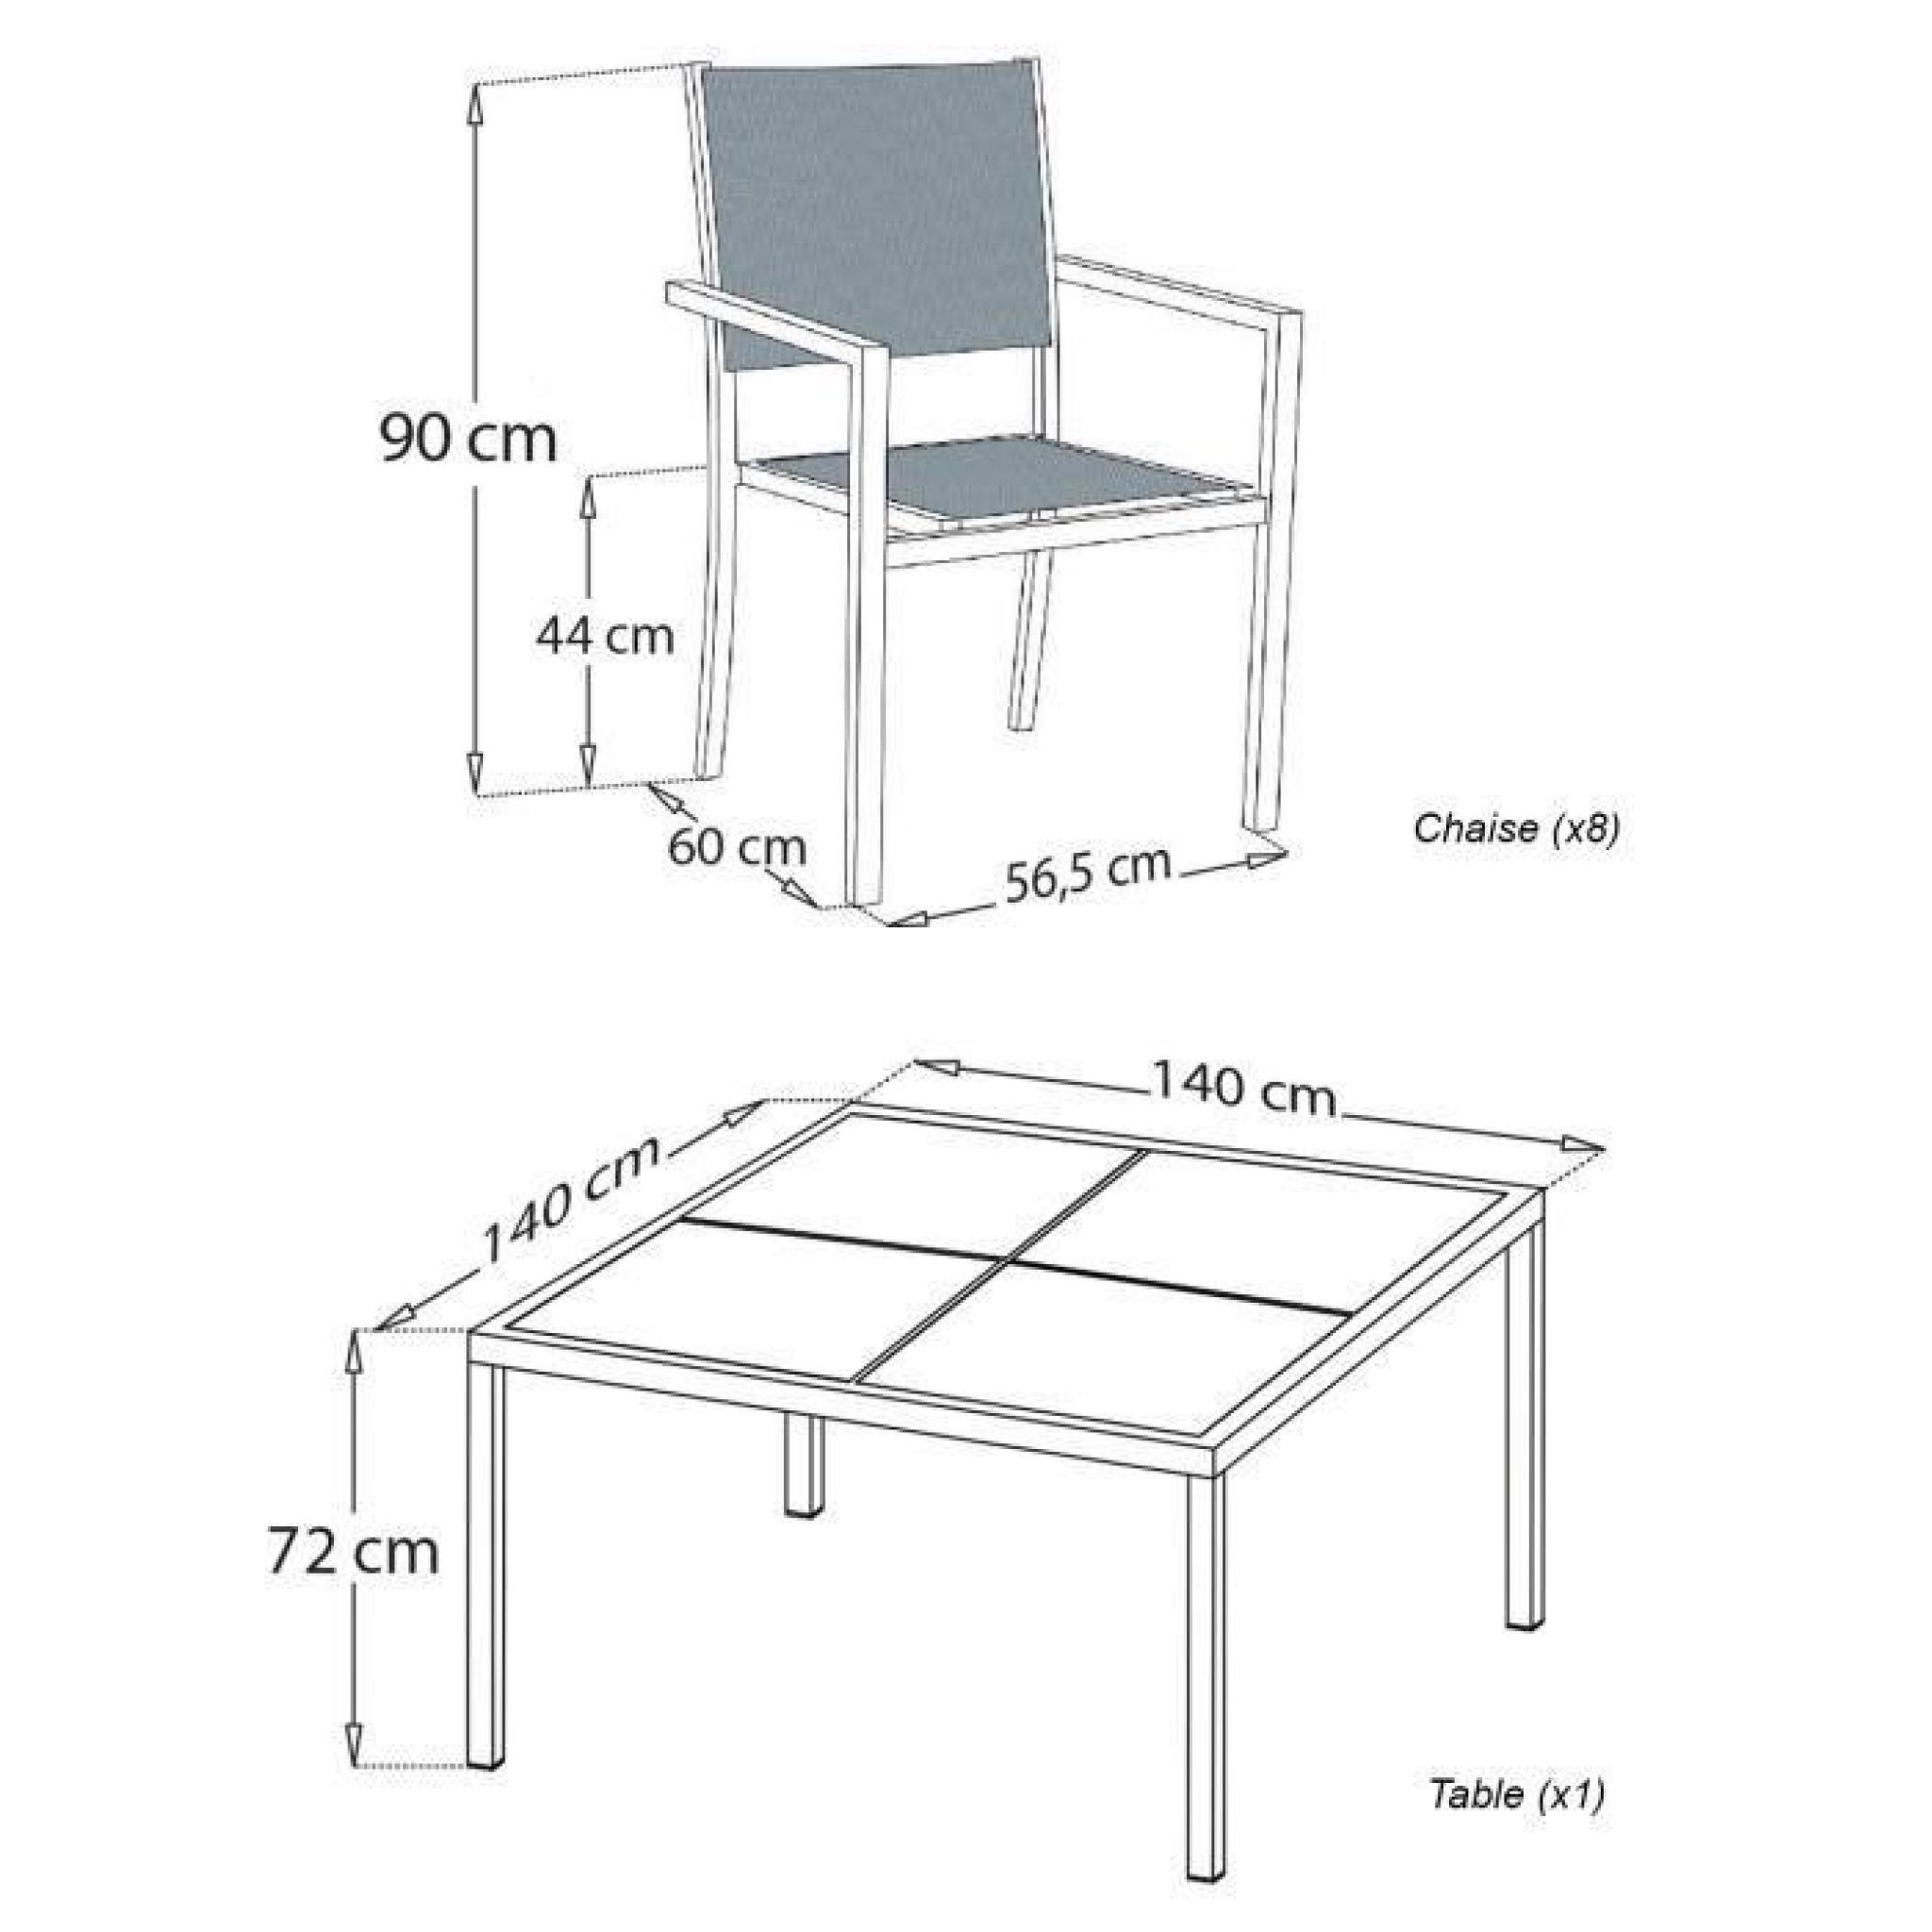 salon de jardin cagliari en textil ne gris 8 places aluminium anthracite achat vente salon. Black Bedroom Furniture Sets. Home Design Ideas